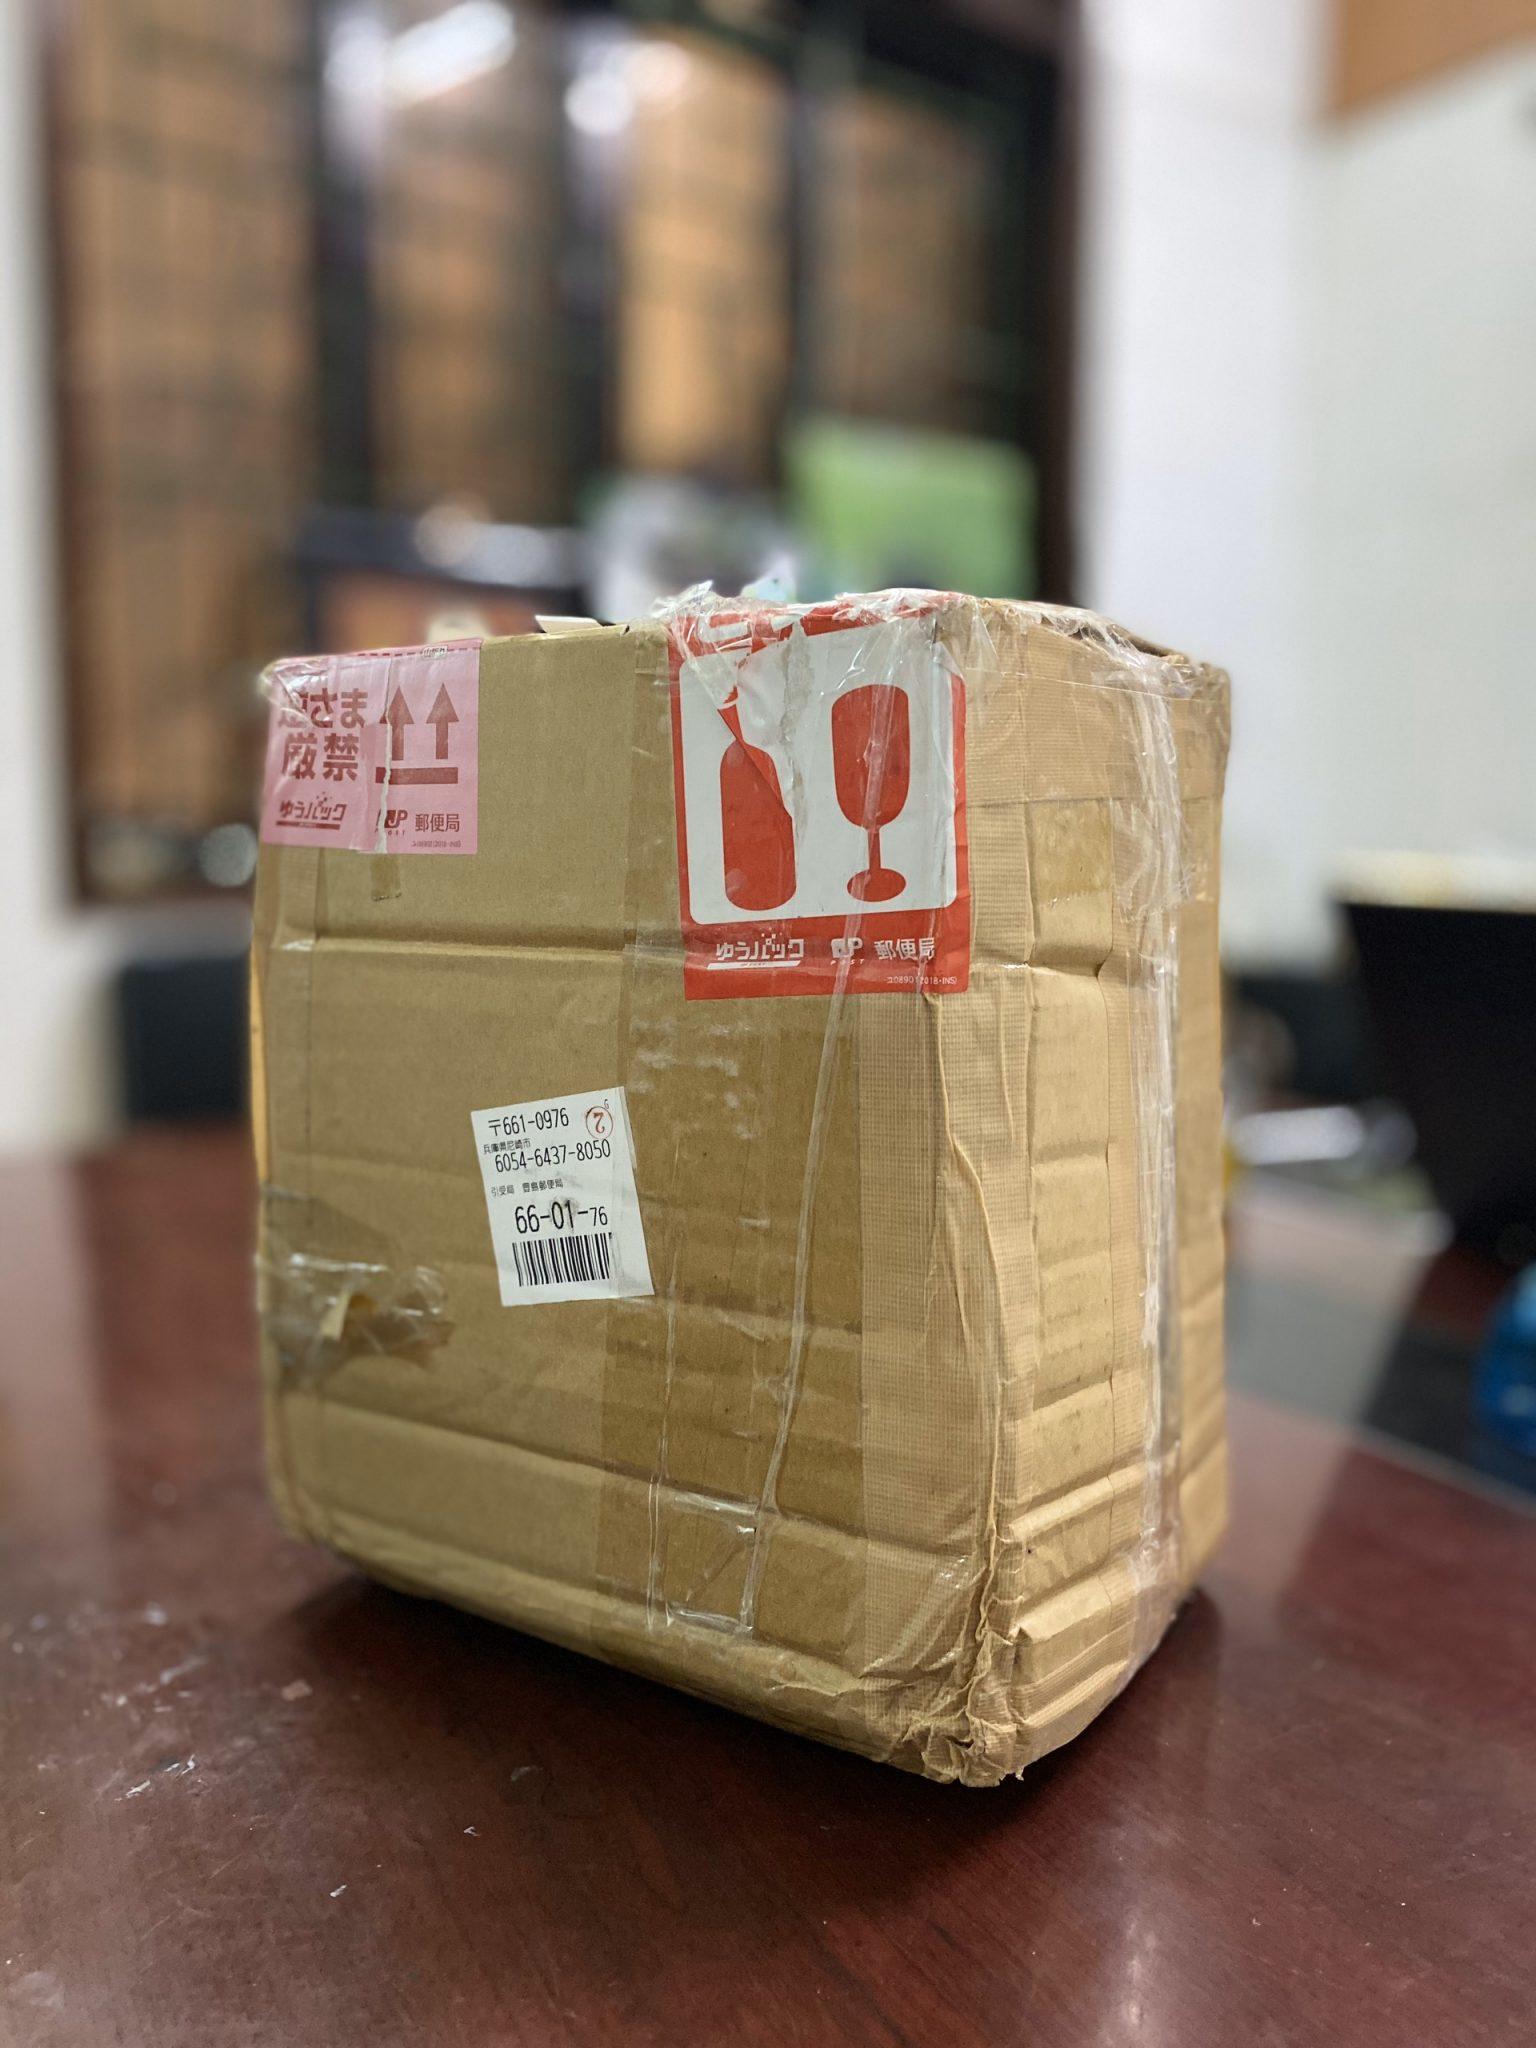 Dịch vụ chuyển phát nhanh xách tay đồ gốm sứ từ Nhật về Việt Nam